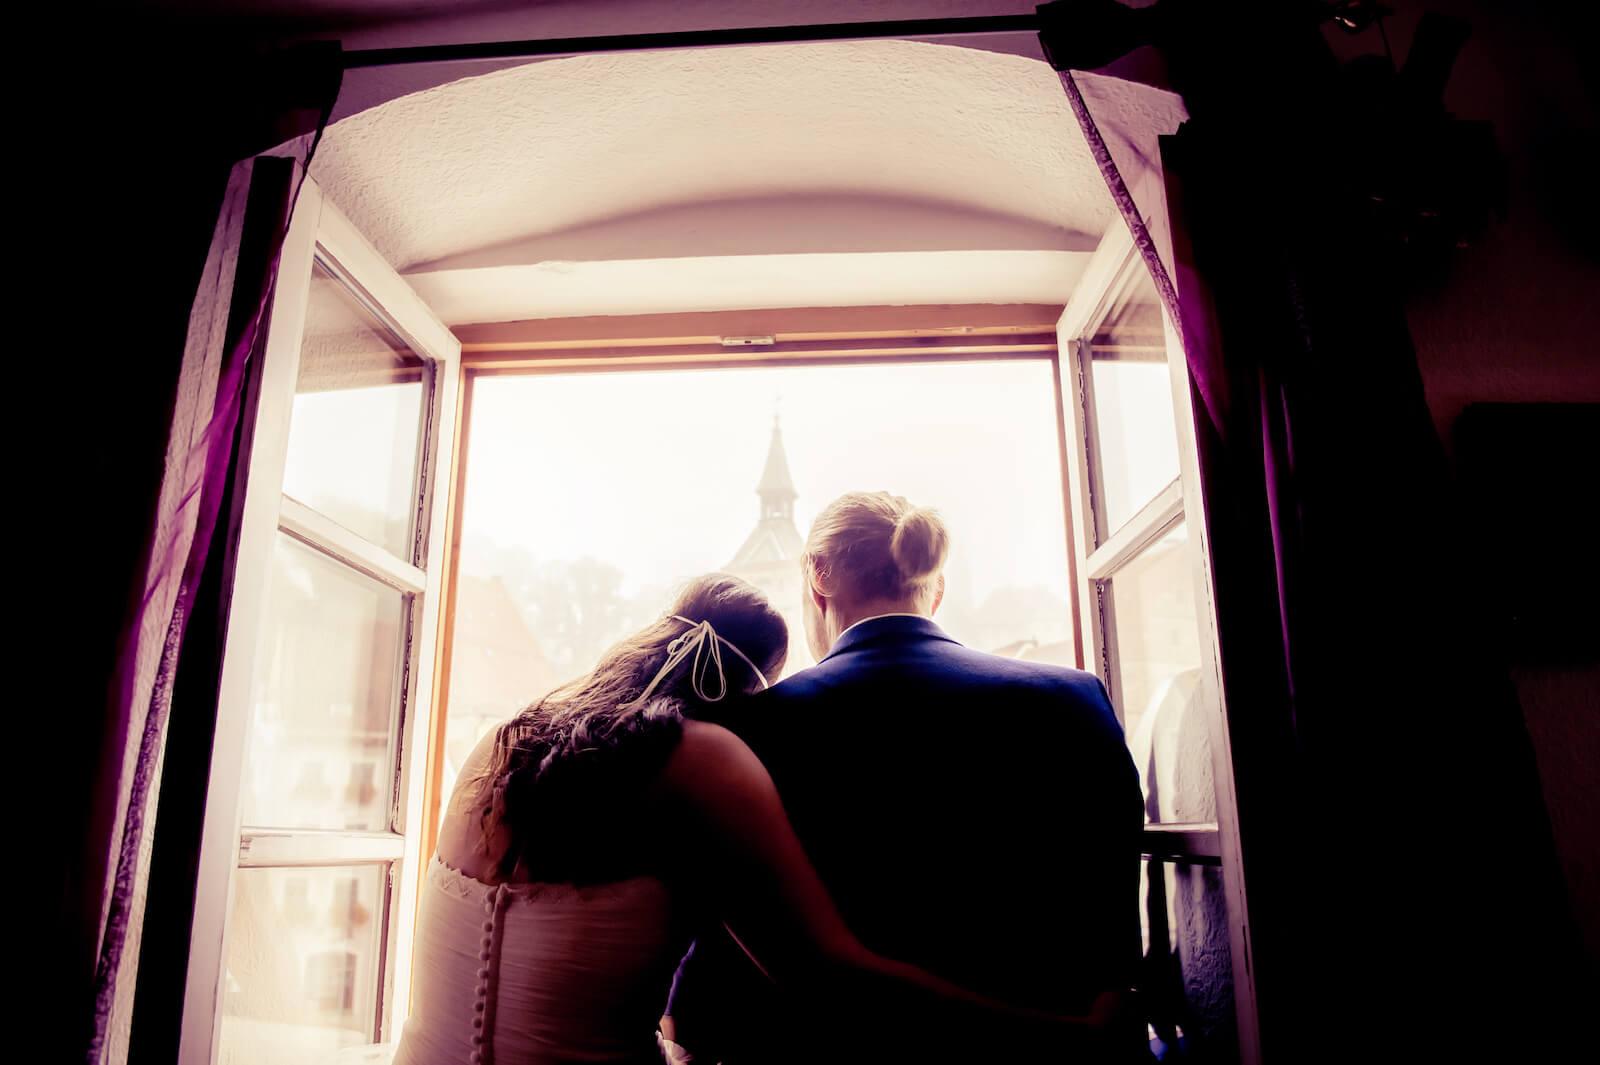 Hochzeit Bohostyle Landsberg - das Brautpaar sitzt im Fenster ihrer Altstadtwohnung